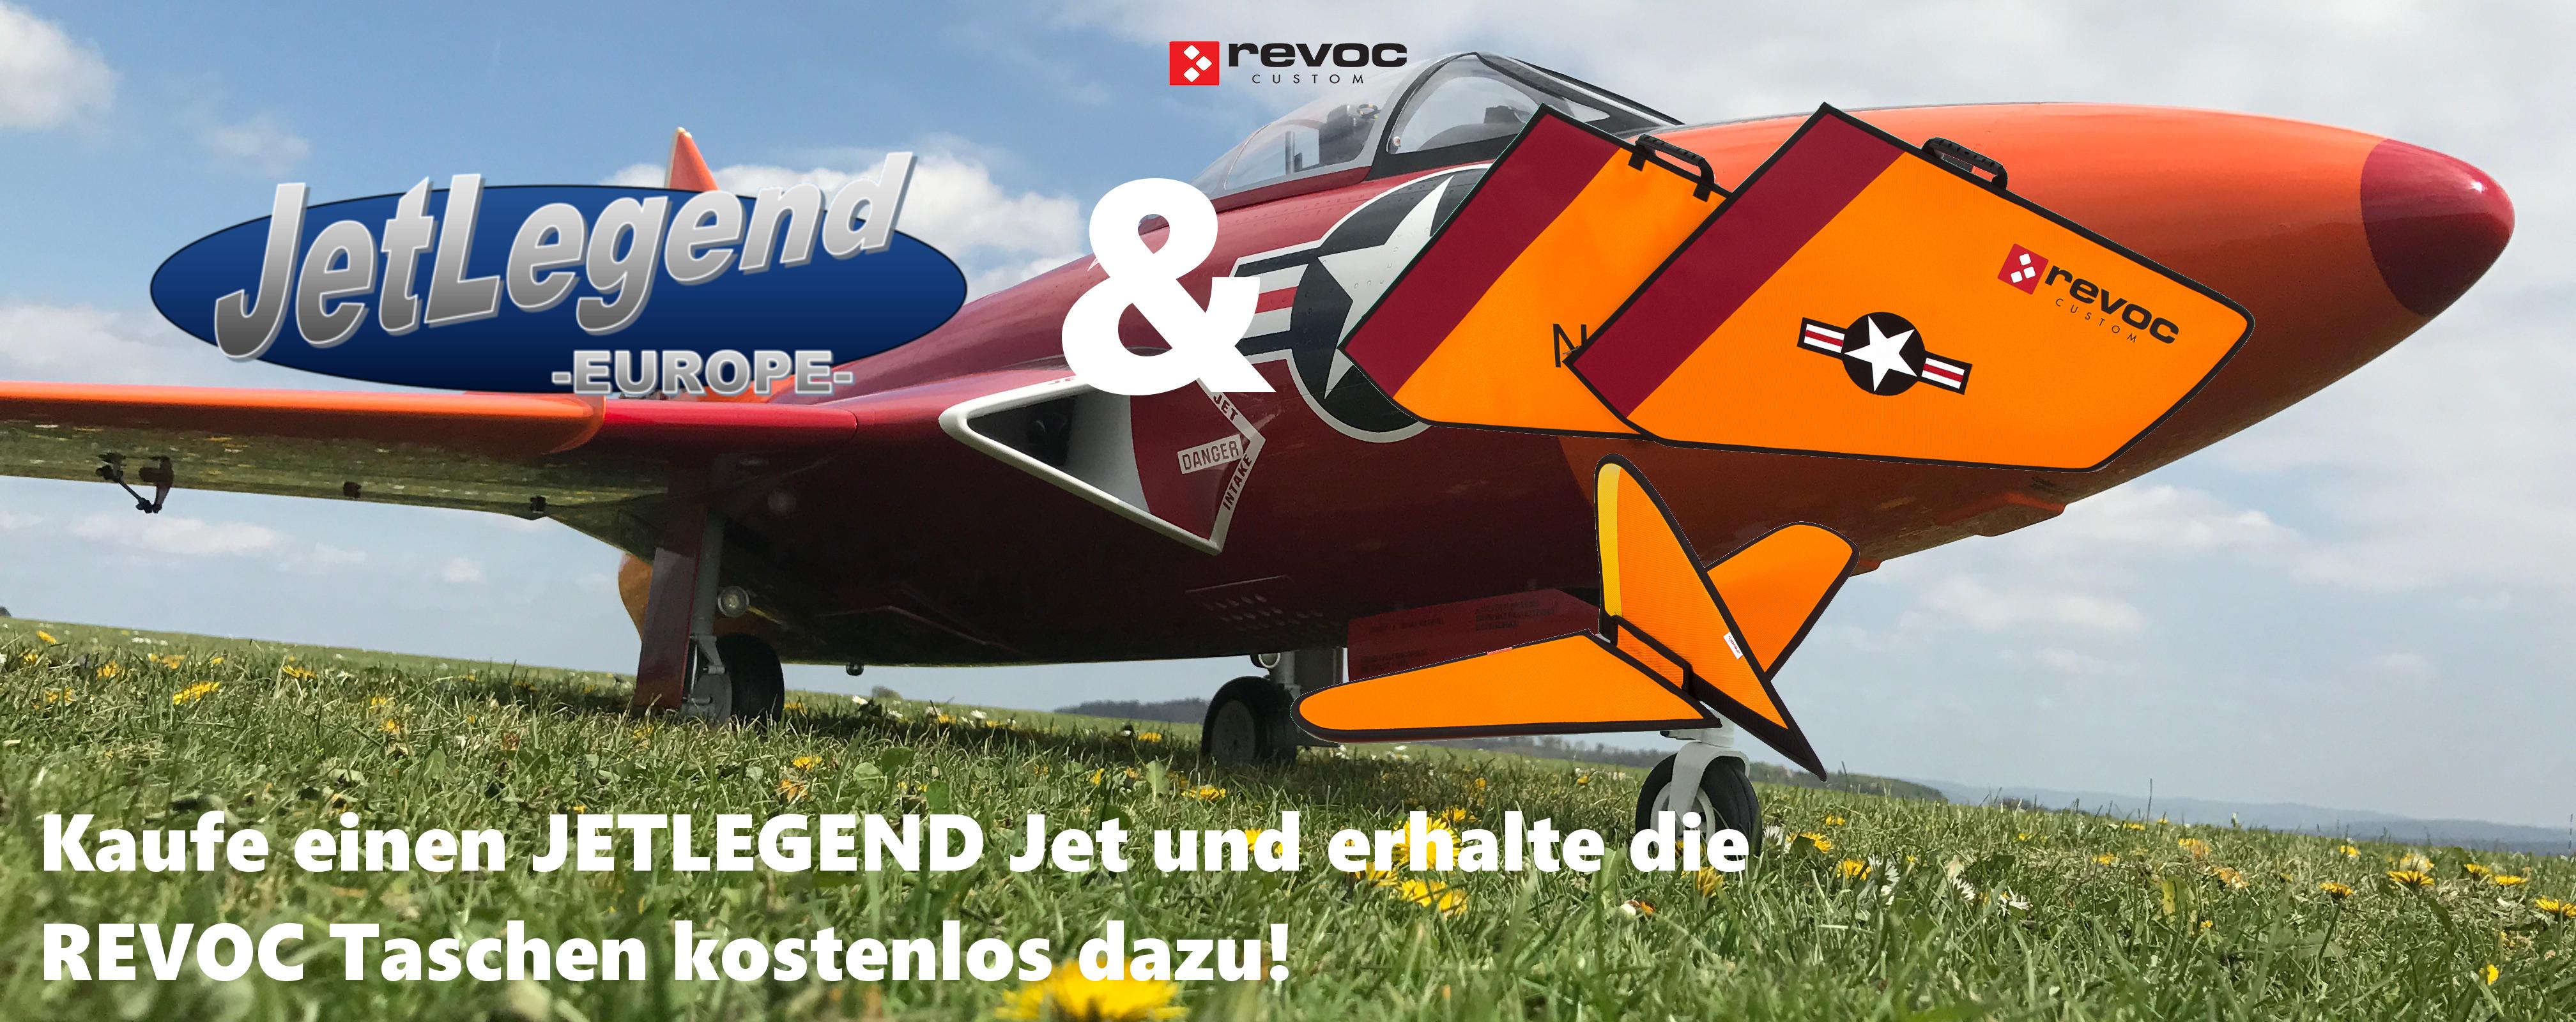 Special offer JETLEGEND / REVOC